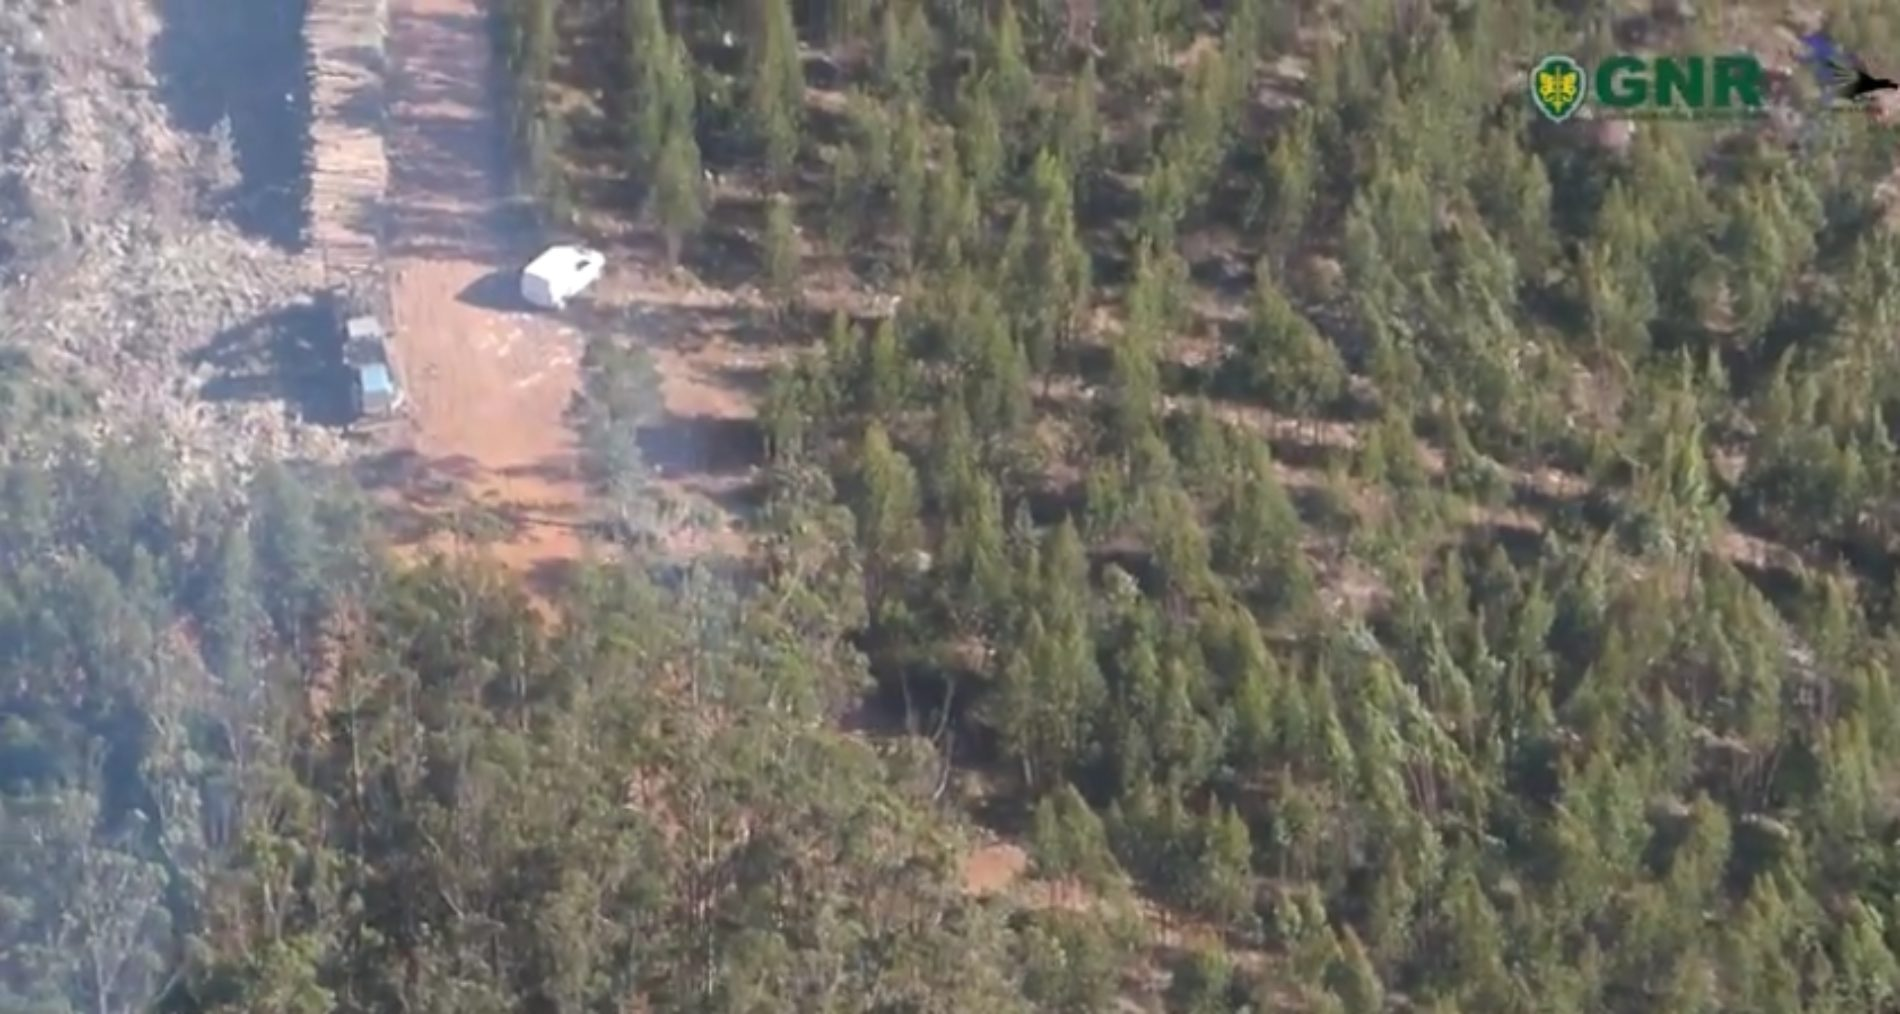 Patrulha Aérea deteta corte ilegal de árvores em Espaço Florestal (Com vídeo)